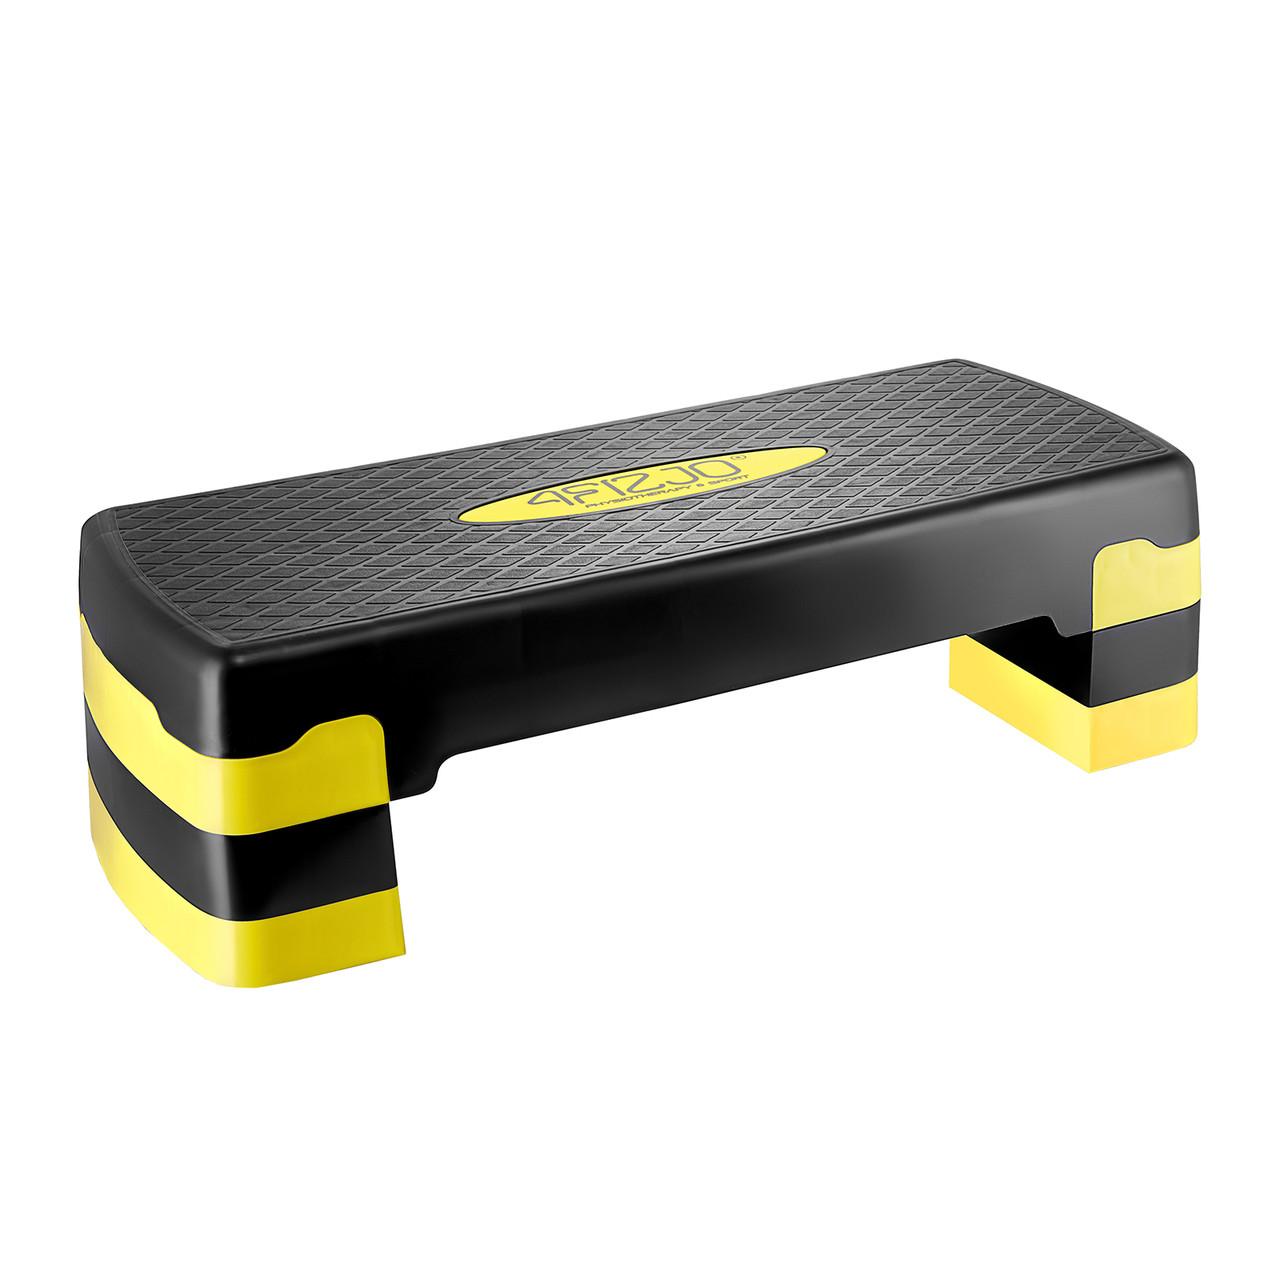 Степ-платформа 3-ступінчаста 4FIZJO 4FJ0149 Black/Yellow